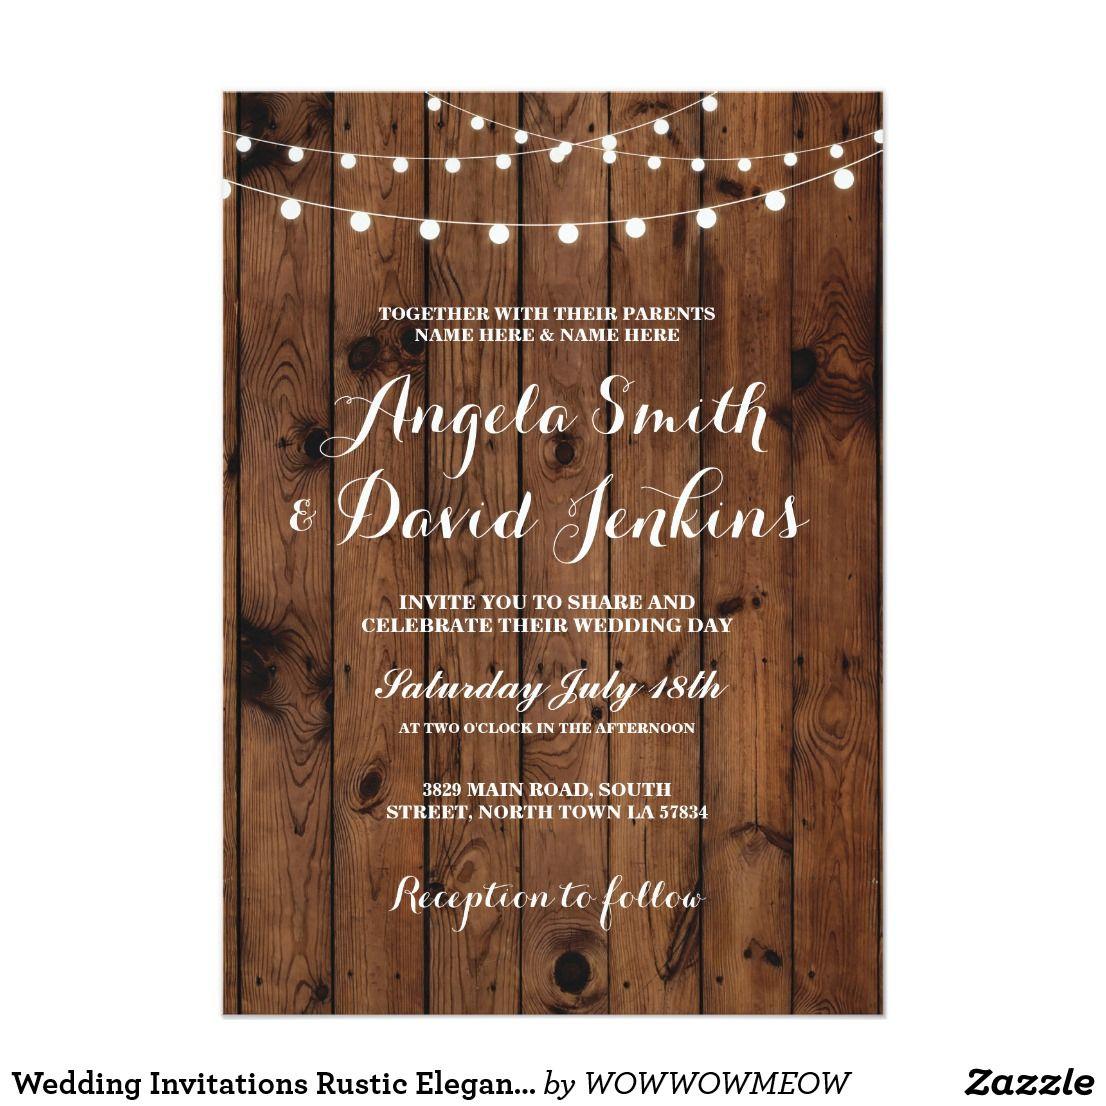 Wedding Invitations Rustic Elegant Wood Lights Weddings